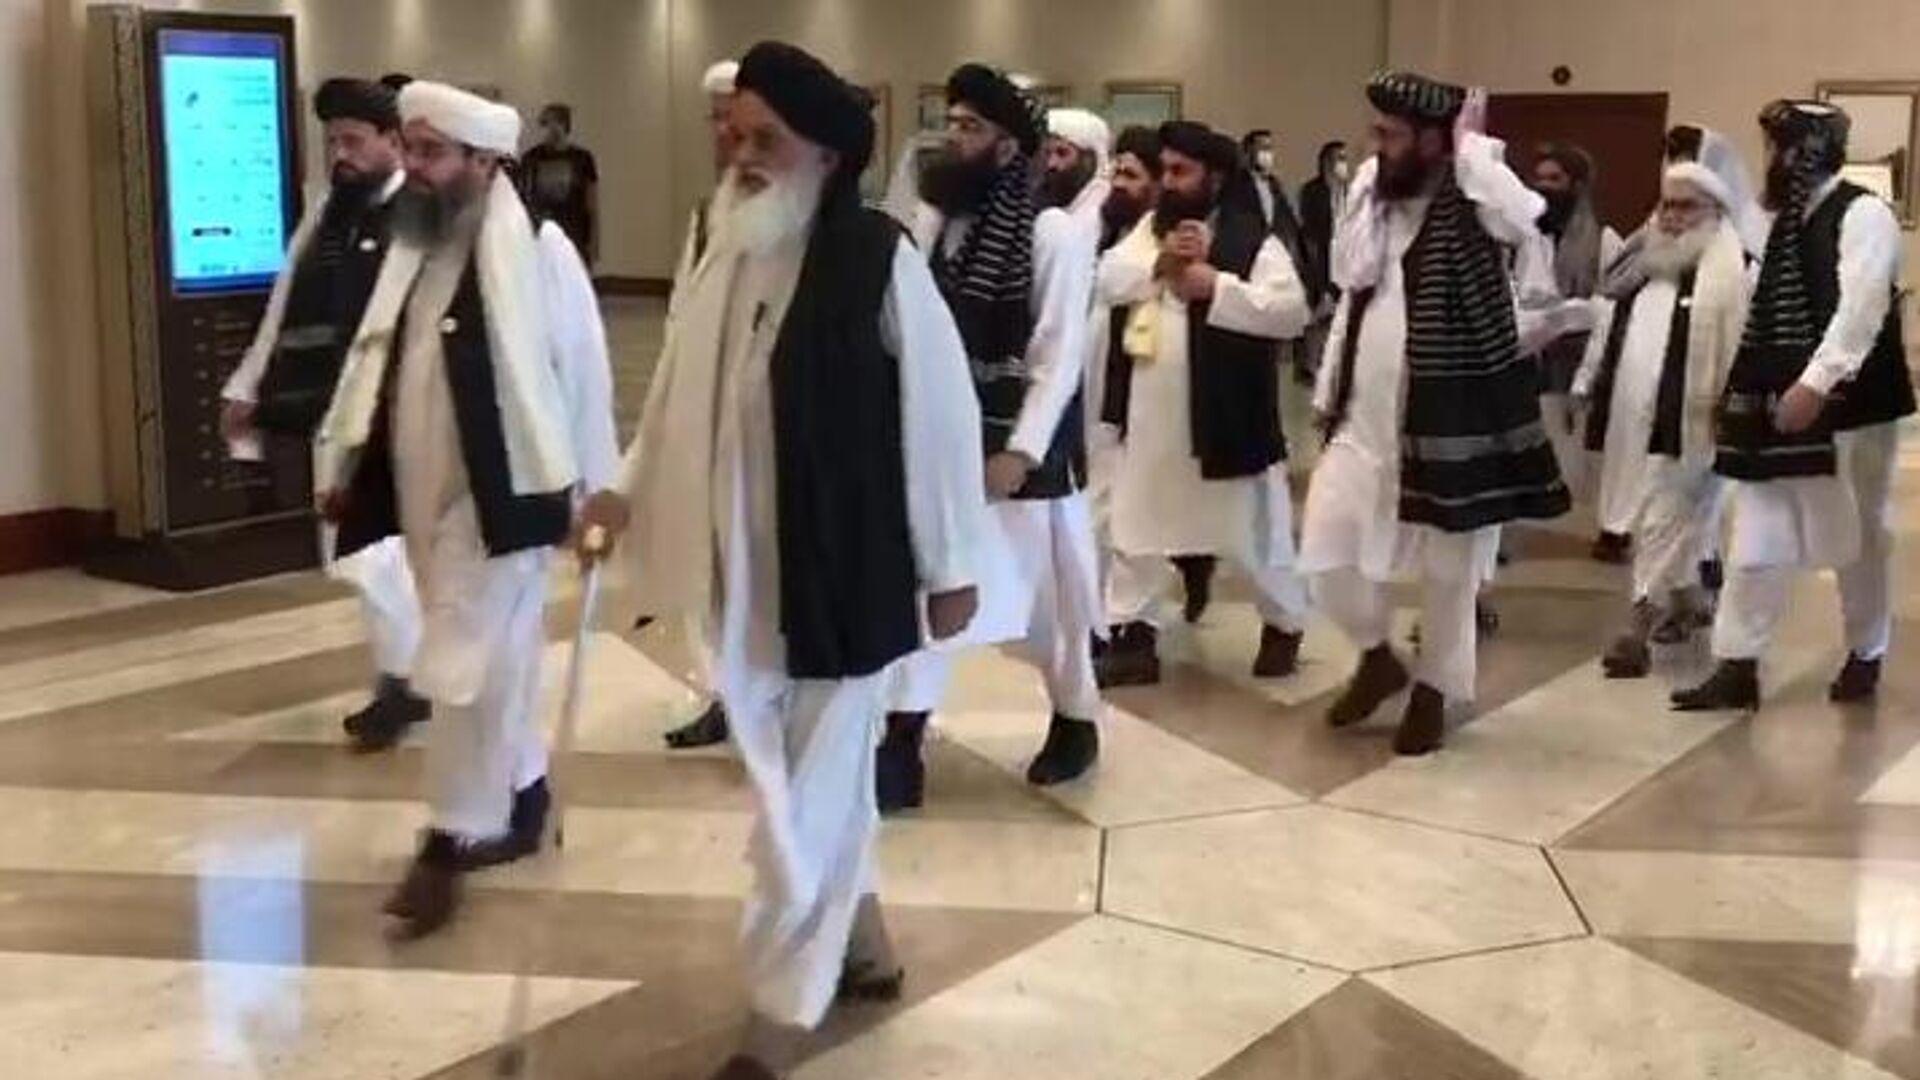 Делегация движения Талибан (запрещено в РФ), прибывшая на переговоры с правительством Афганистан - РИА Новости, 1920, 29.01.2021